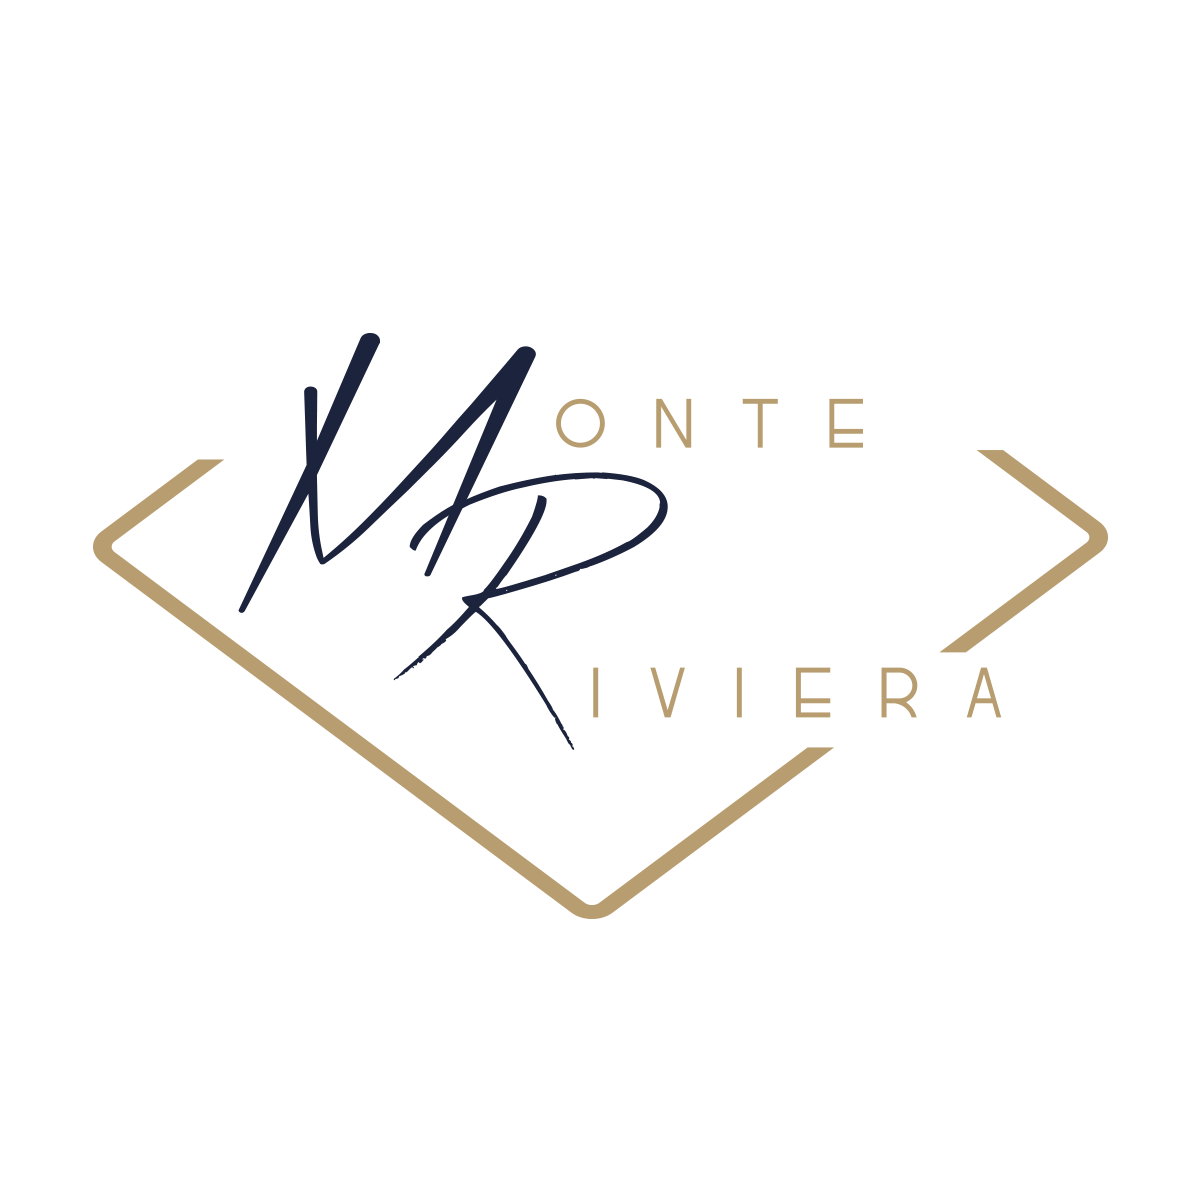 MONTE RIVIERA